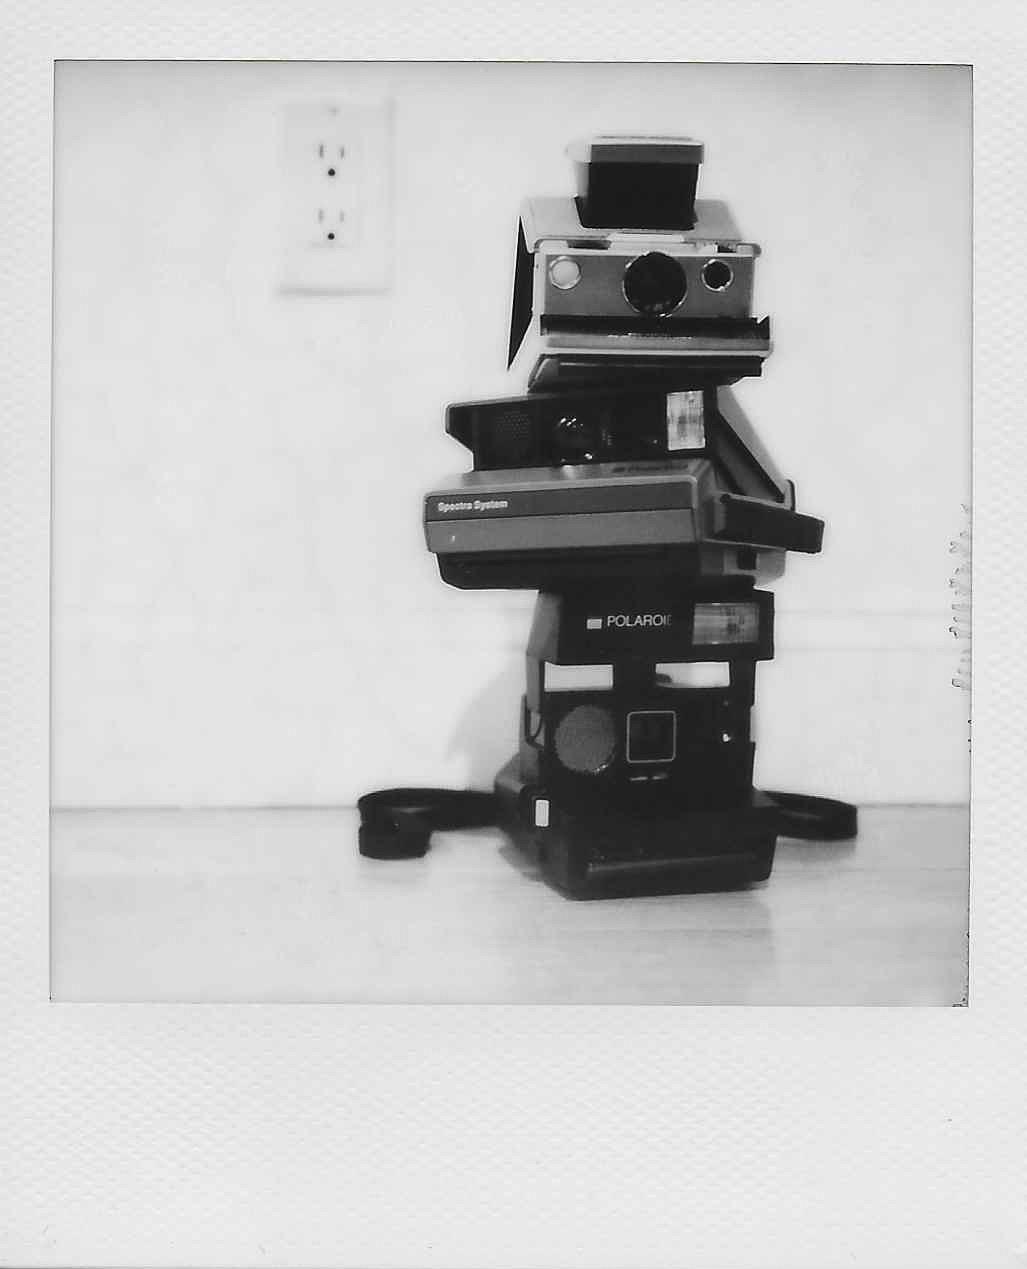 SX70 Spectra Polaroid 600